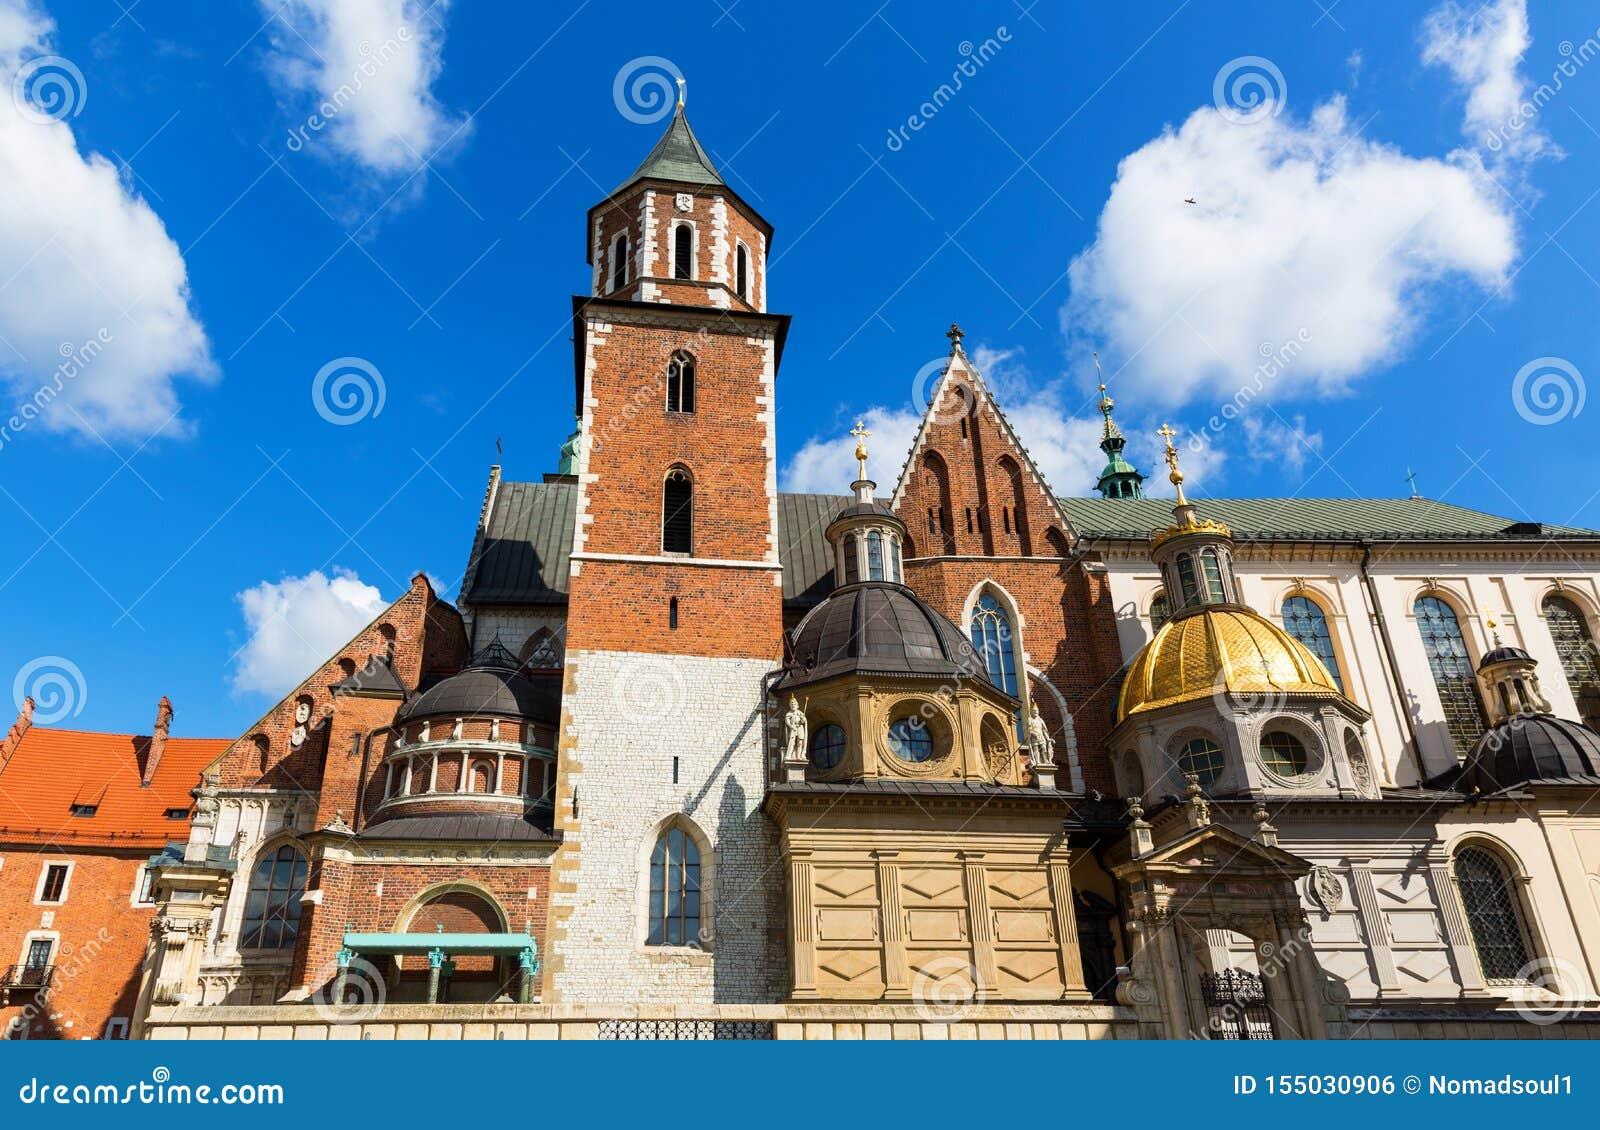 Castelo da catedral de Wawel, Krakow, Polônia